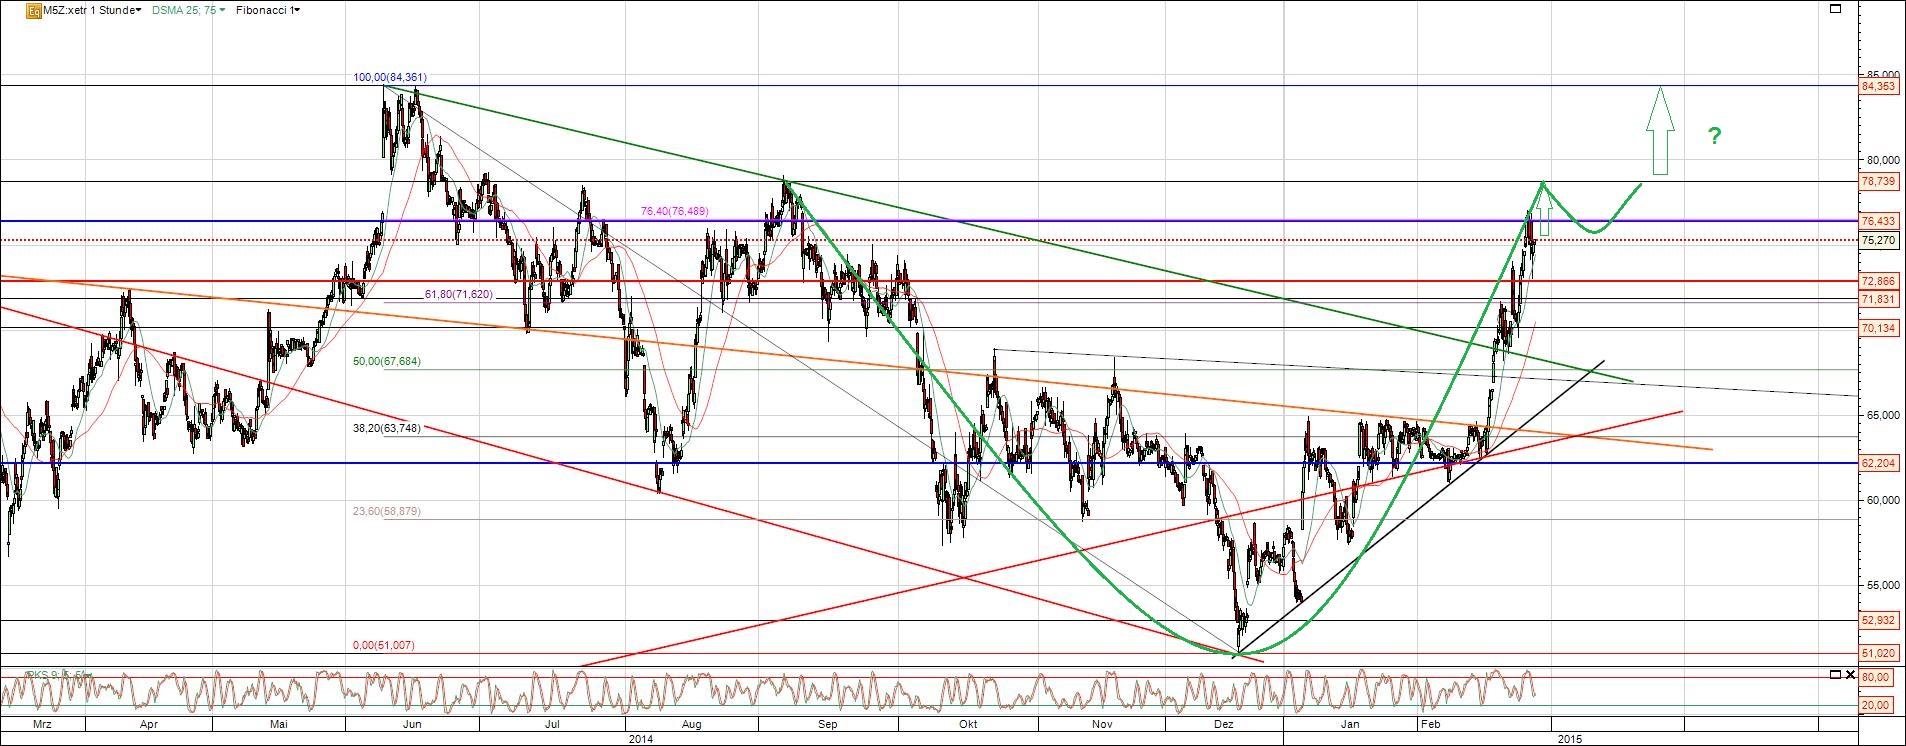 Chart Manz Aktie Trendwechsel